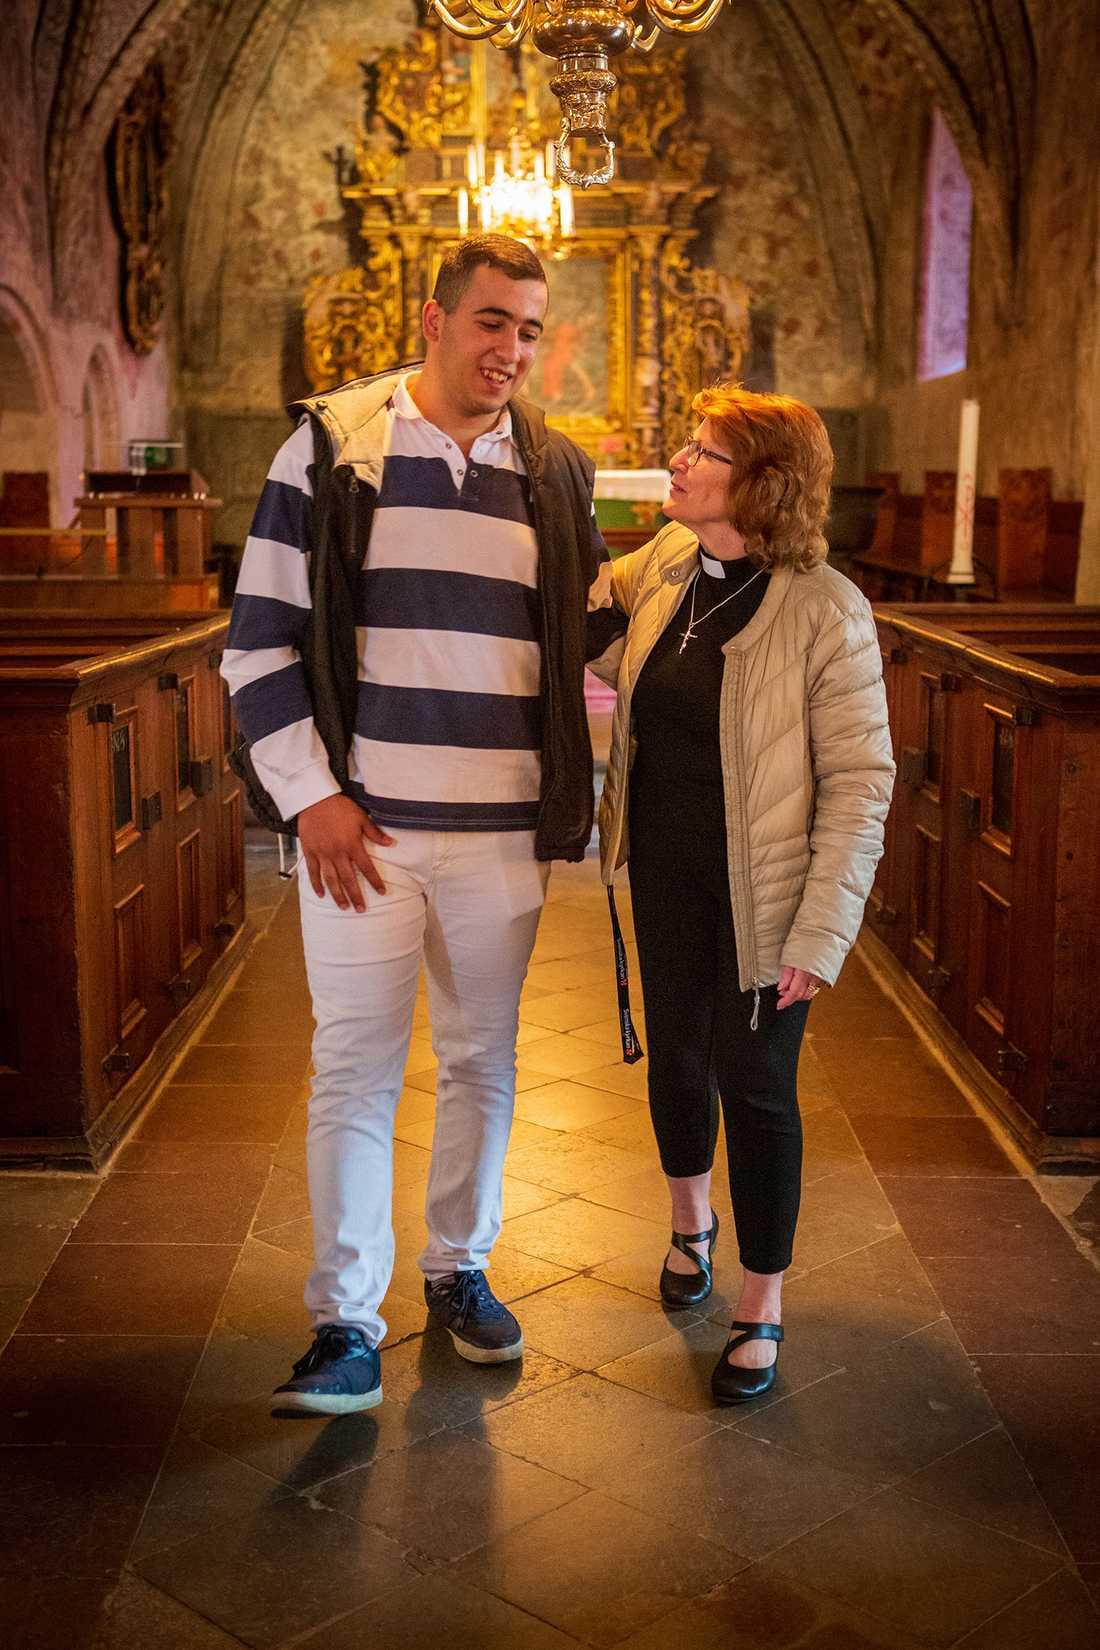 Naem Sufan och prästen Gunnel Alvhäll träffades i kyrkan och Gunnel tackade Naem för att han så modigt släckte branden som hotade kyrkan och stoppade vandalerna.